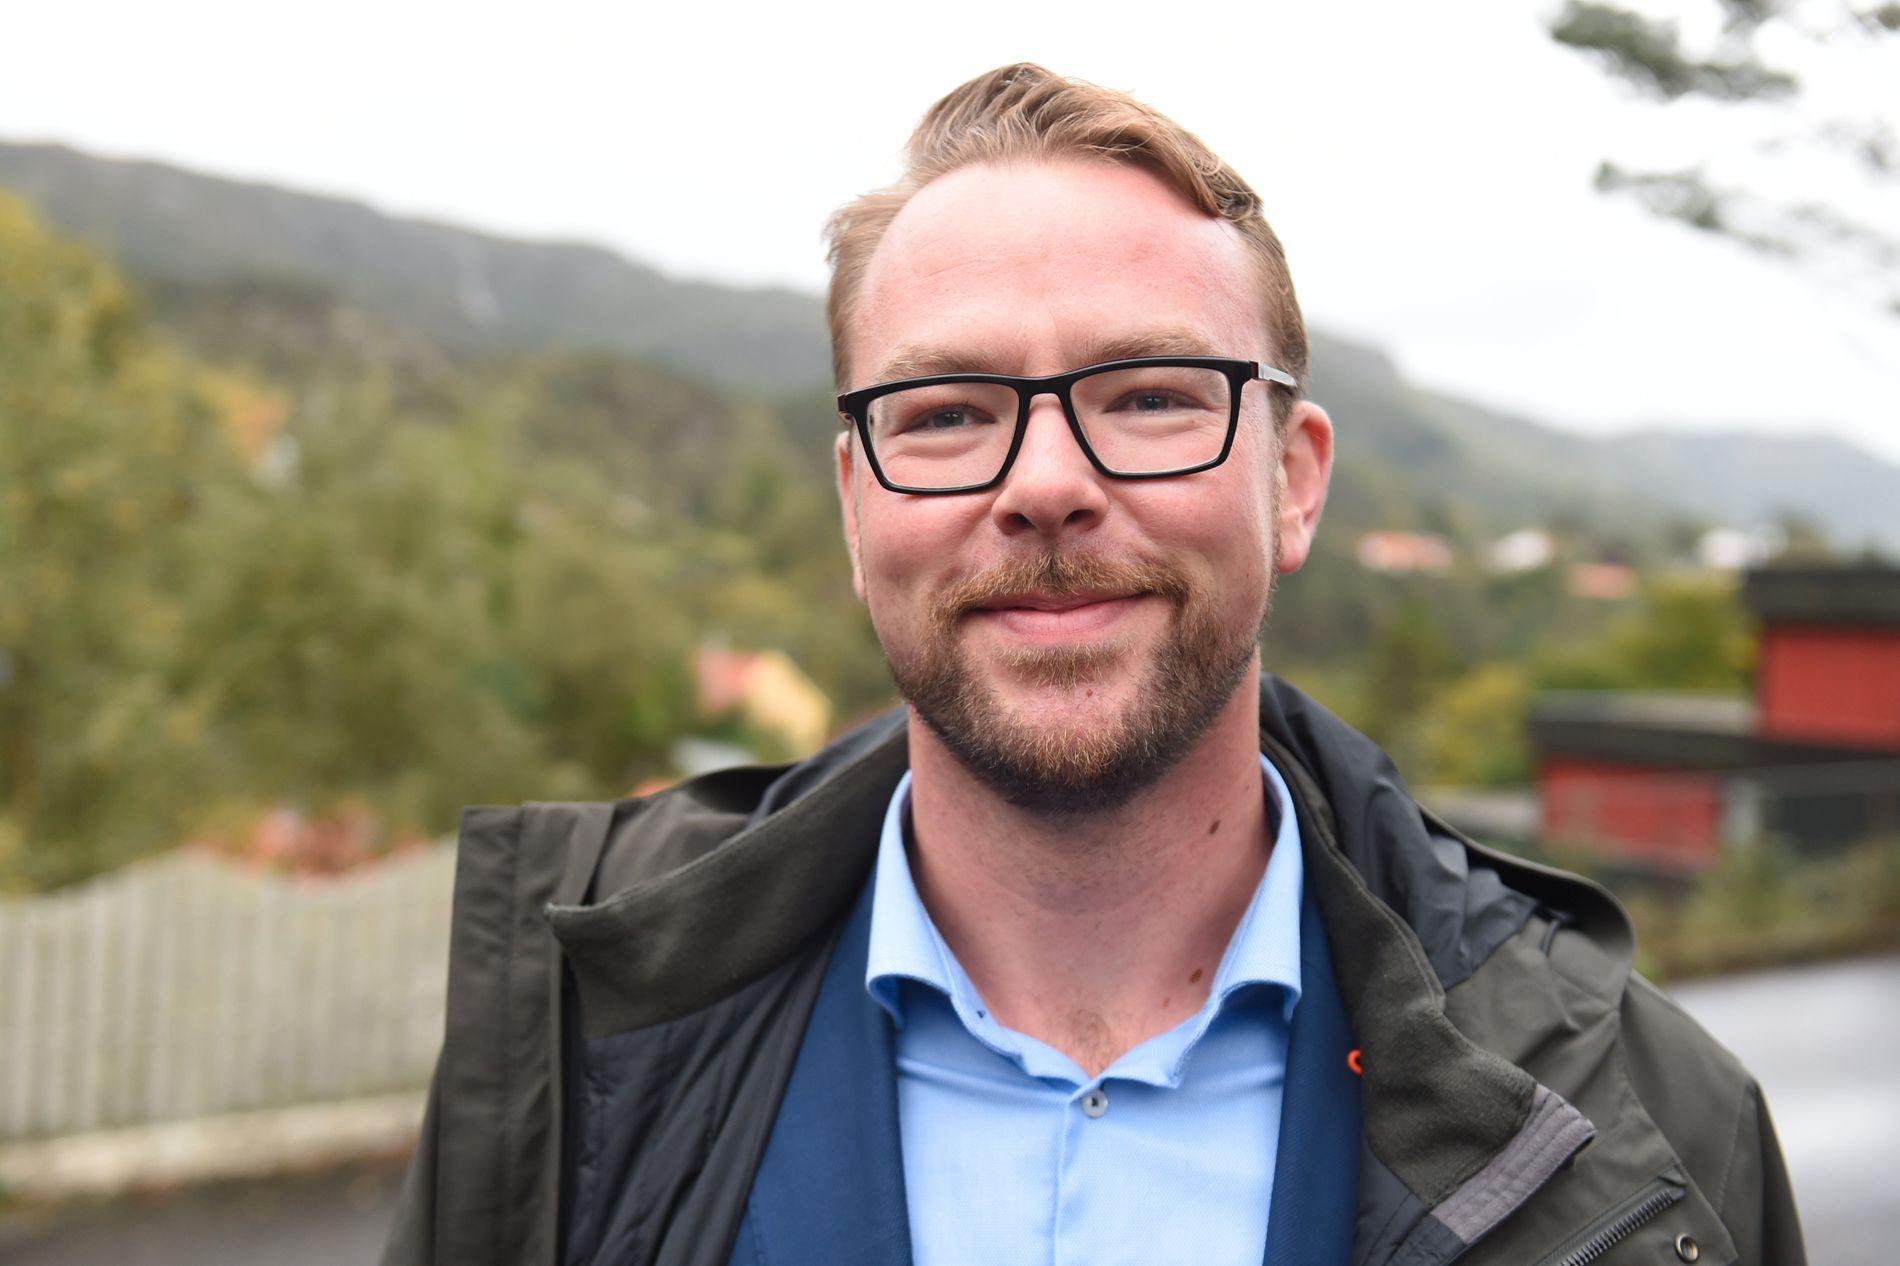 HØYRE-TOPP: Harald Victor Hove, Bergen Høyres byrådslederkandidat til kommunevalget.